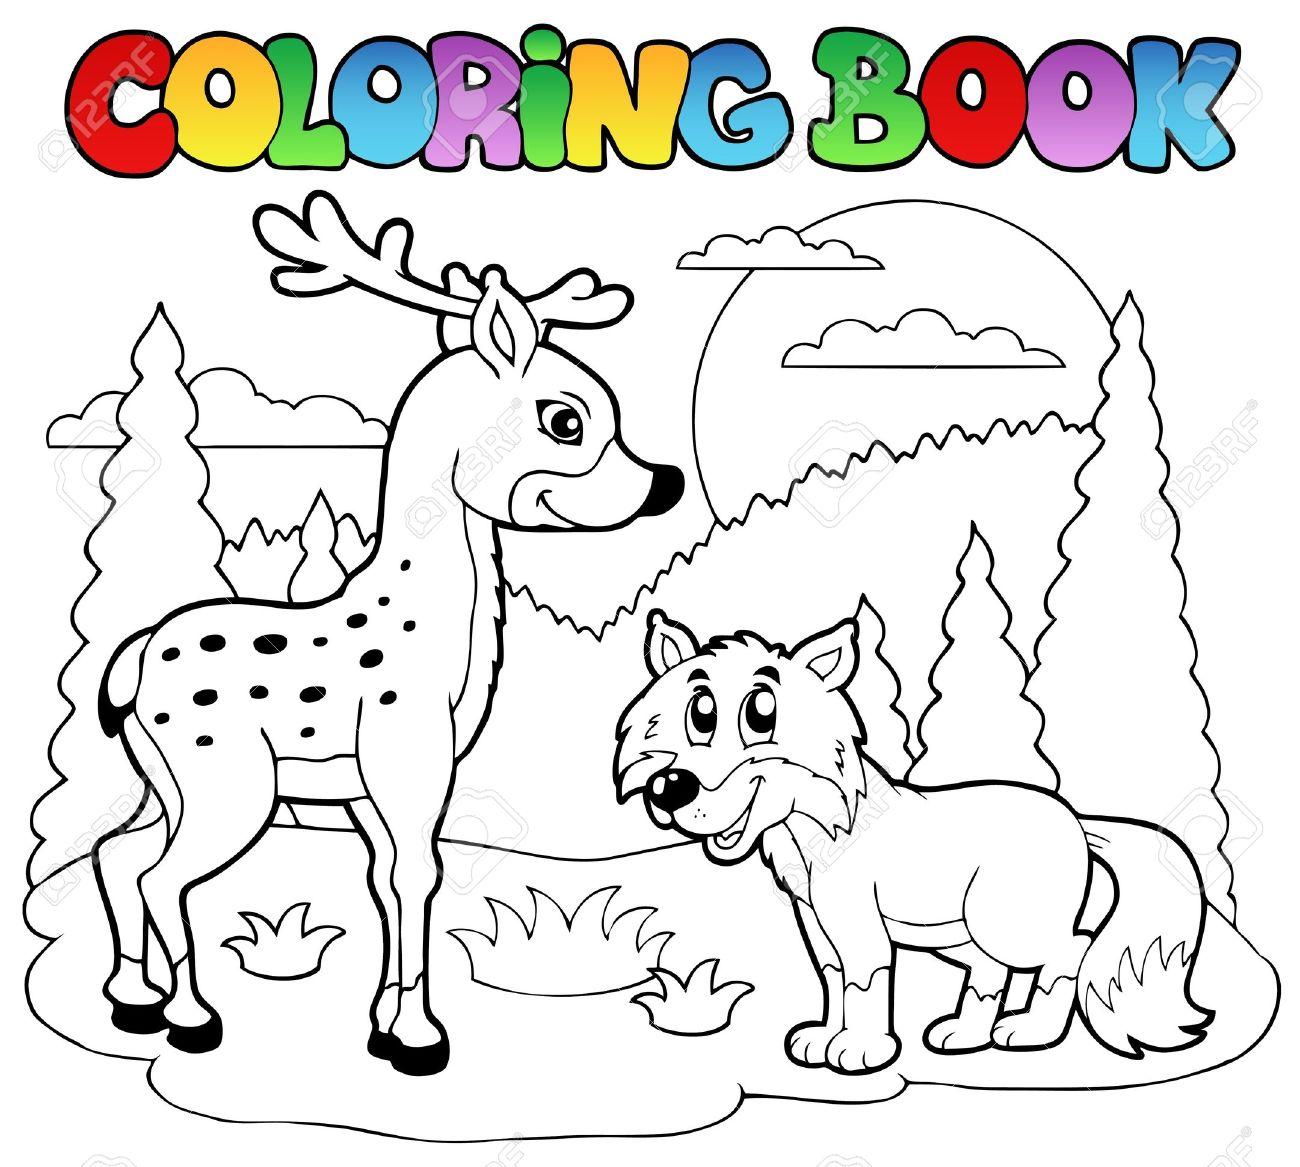 幸せな動物イラスト塗り絵。 ロイヤリティフリークリップアート